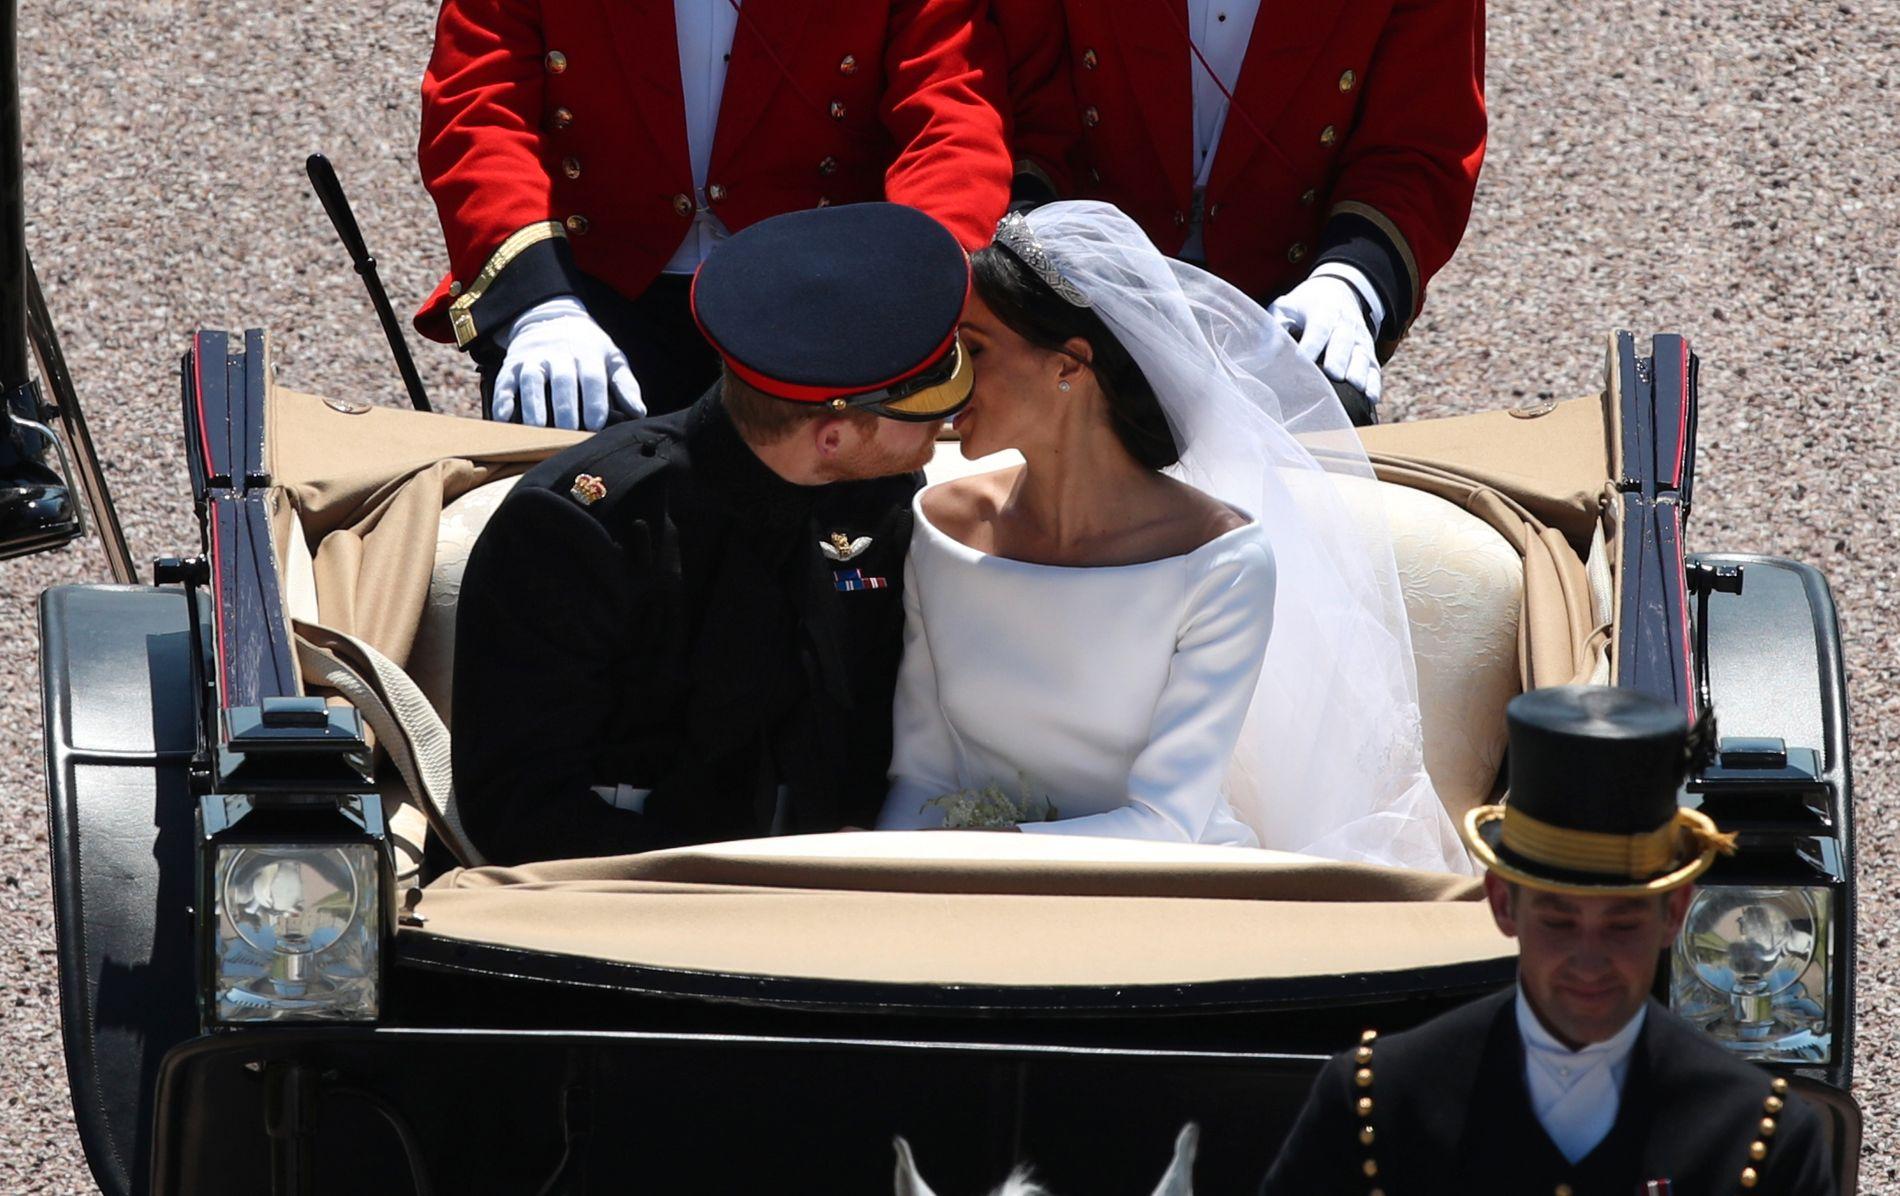 BRYLLUPET: Paret giftet seg i St. George's Chapel i Windsor Castle. Etter vielsen, og det berømte kysset, gikk turen gjennom Windsors gater i åpen vogn trukket av hester.